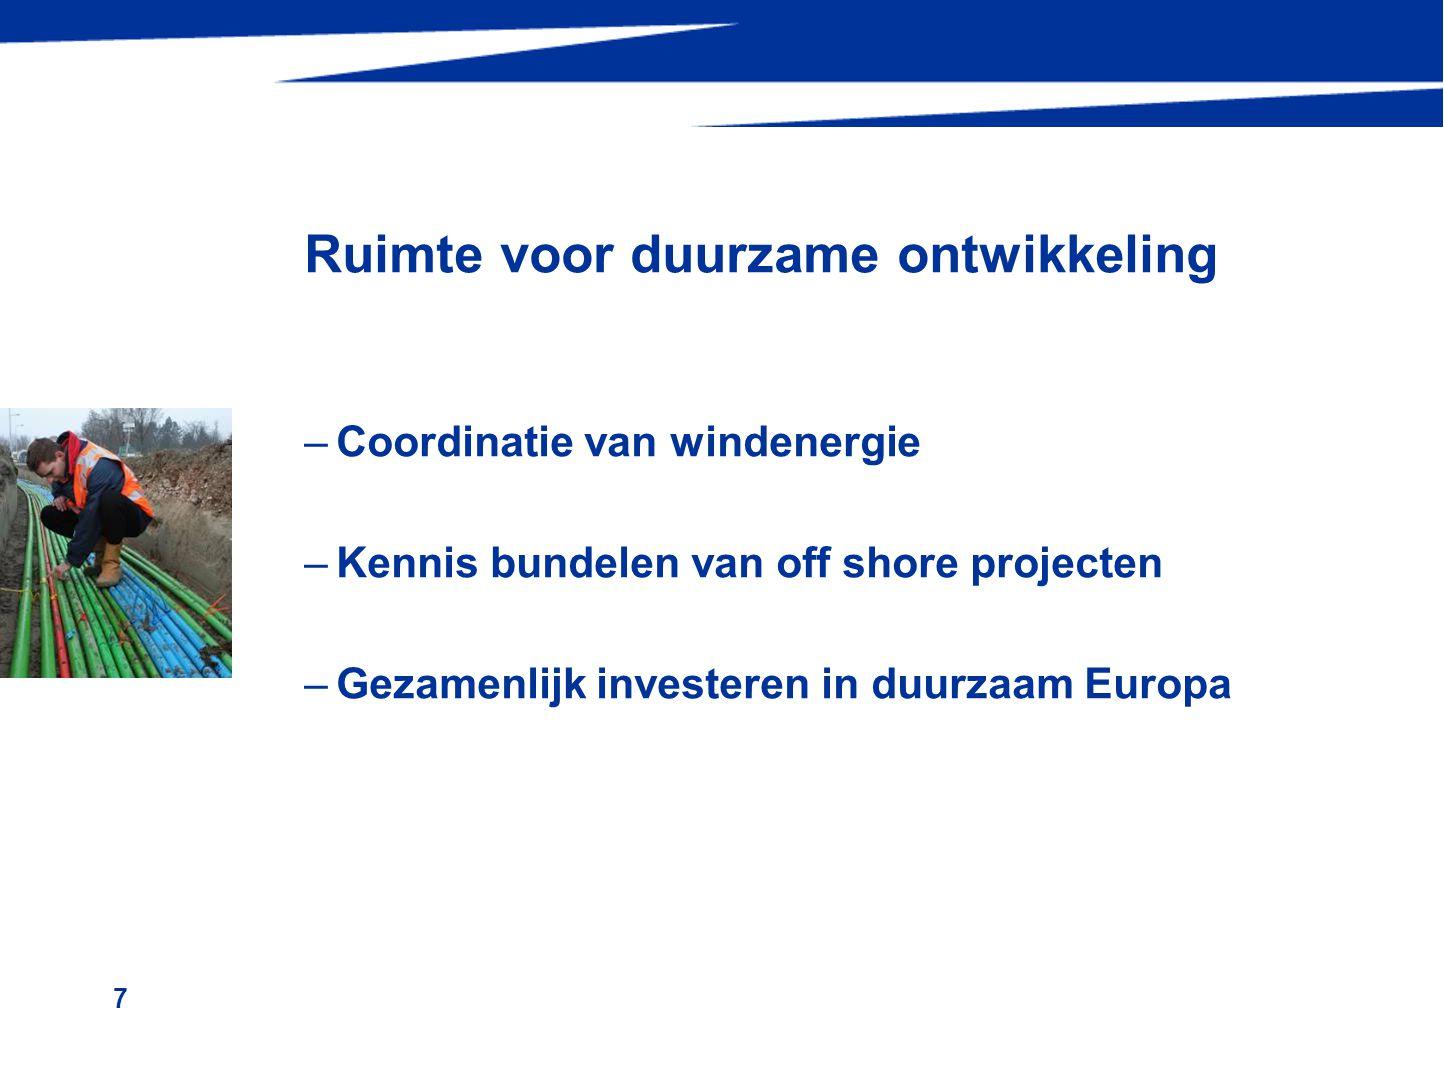 7 Ruimte voor duurzame ontwikkeling –Coordinatie van windenergie –Kennis bundelen van off shore projecten –Gezamenlijk investeren in duurzaam Europa